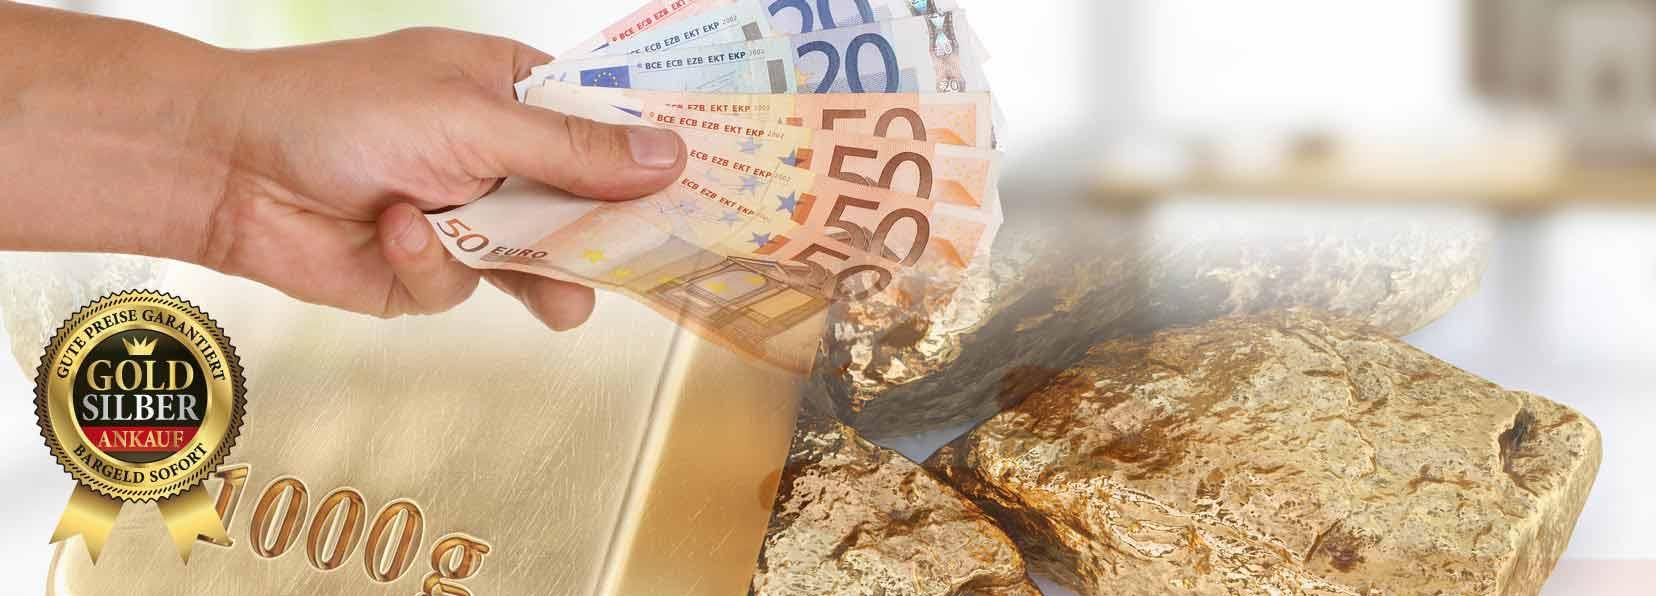 Gold-zurück-Garantie